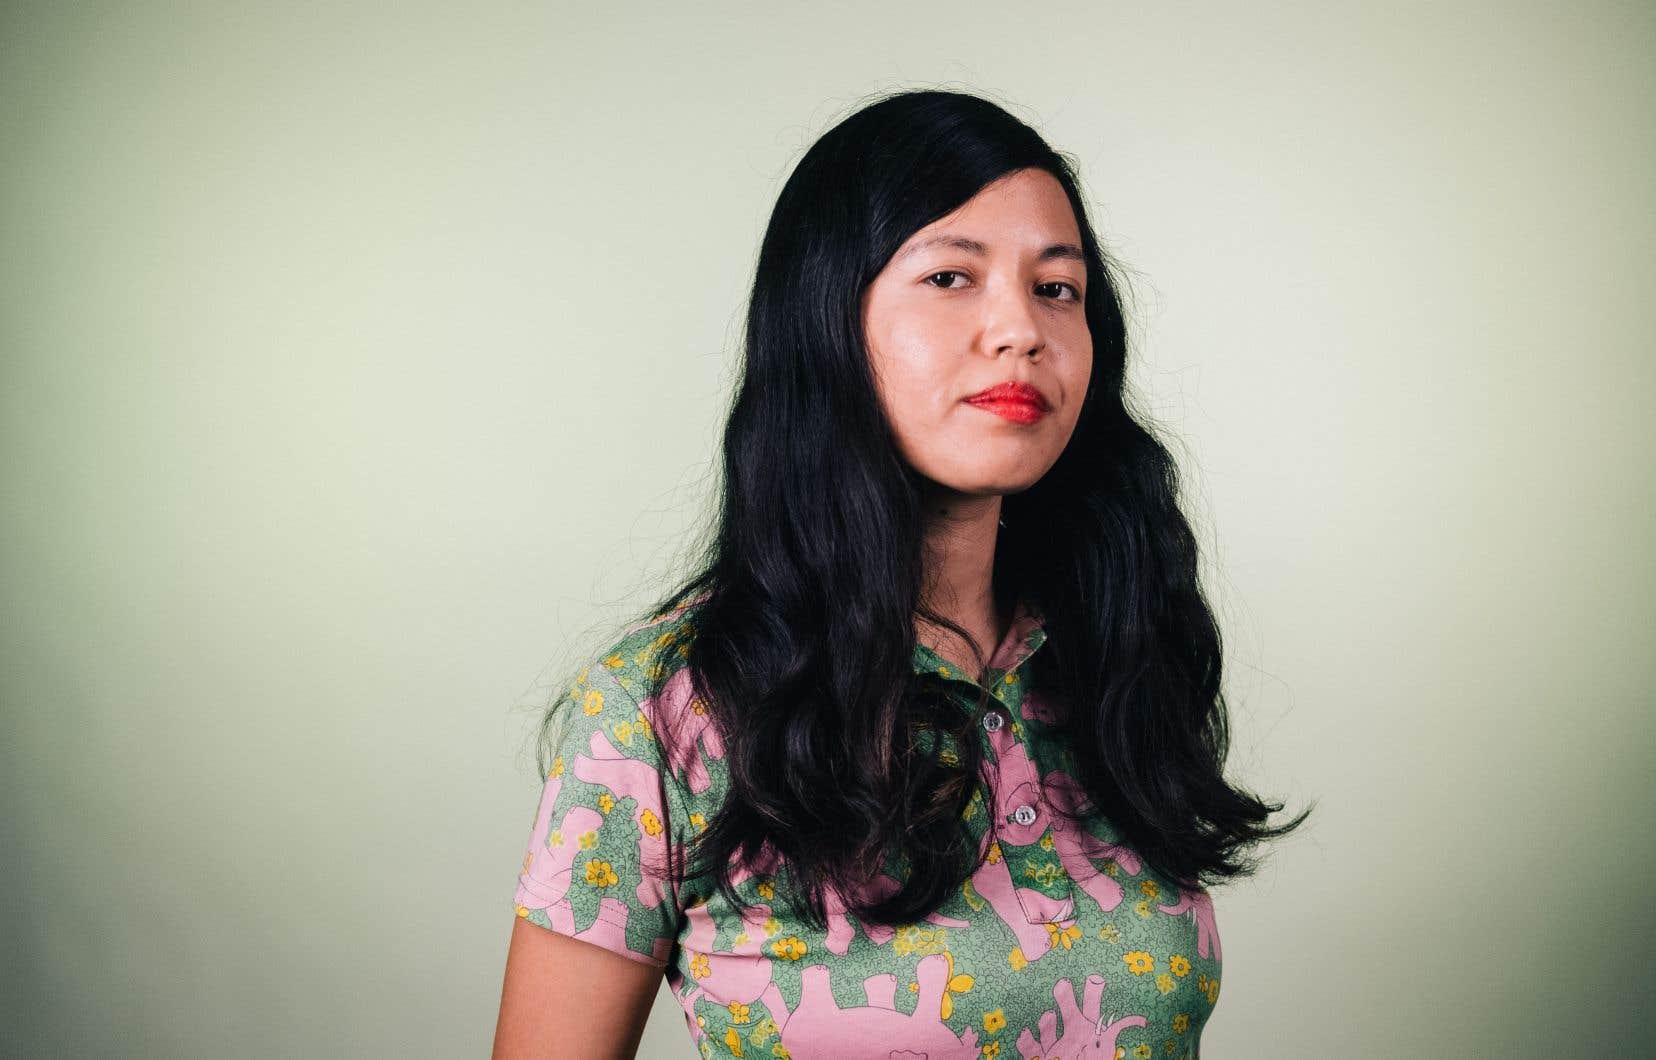 Comme le projet de société dont rêve Jackie Wang, son essai réunit plusieurs voix, outre la sienne.